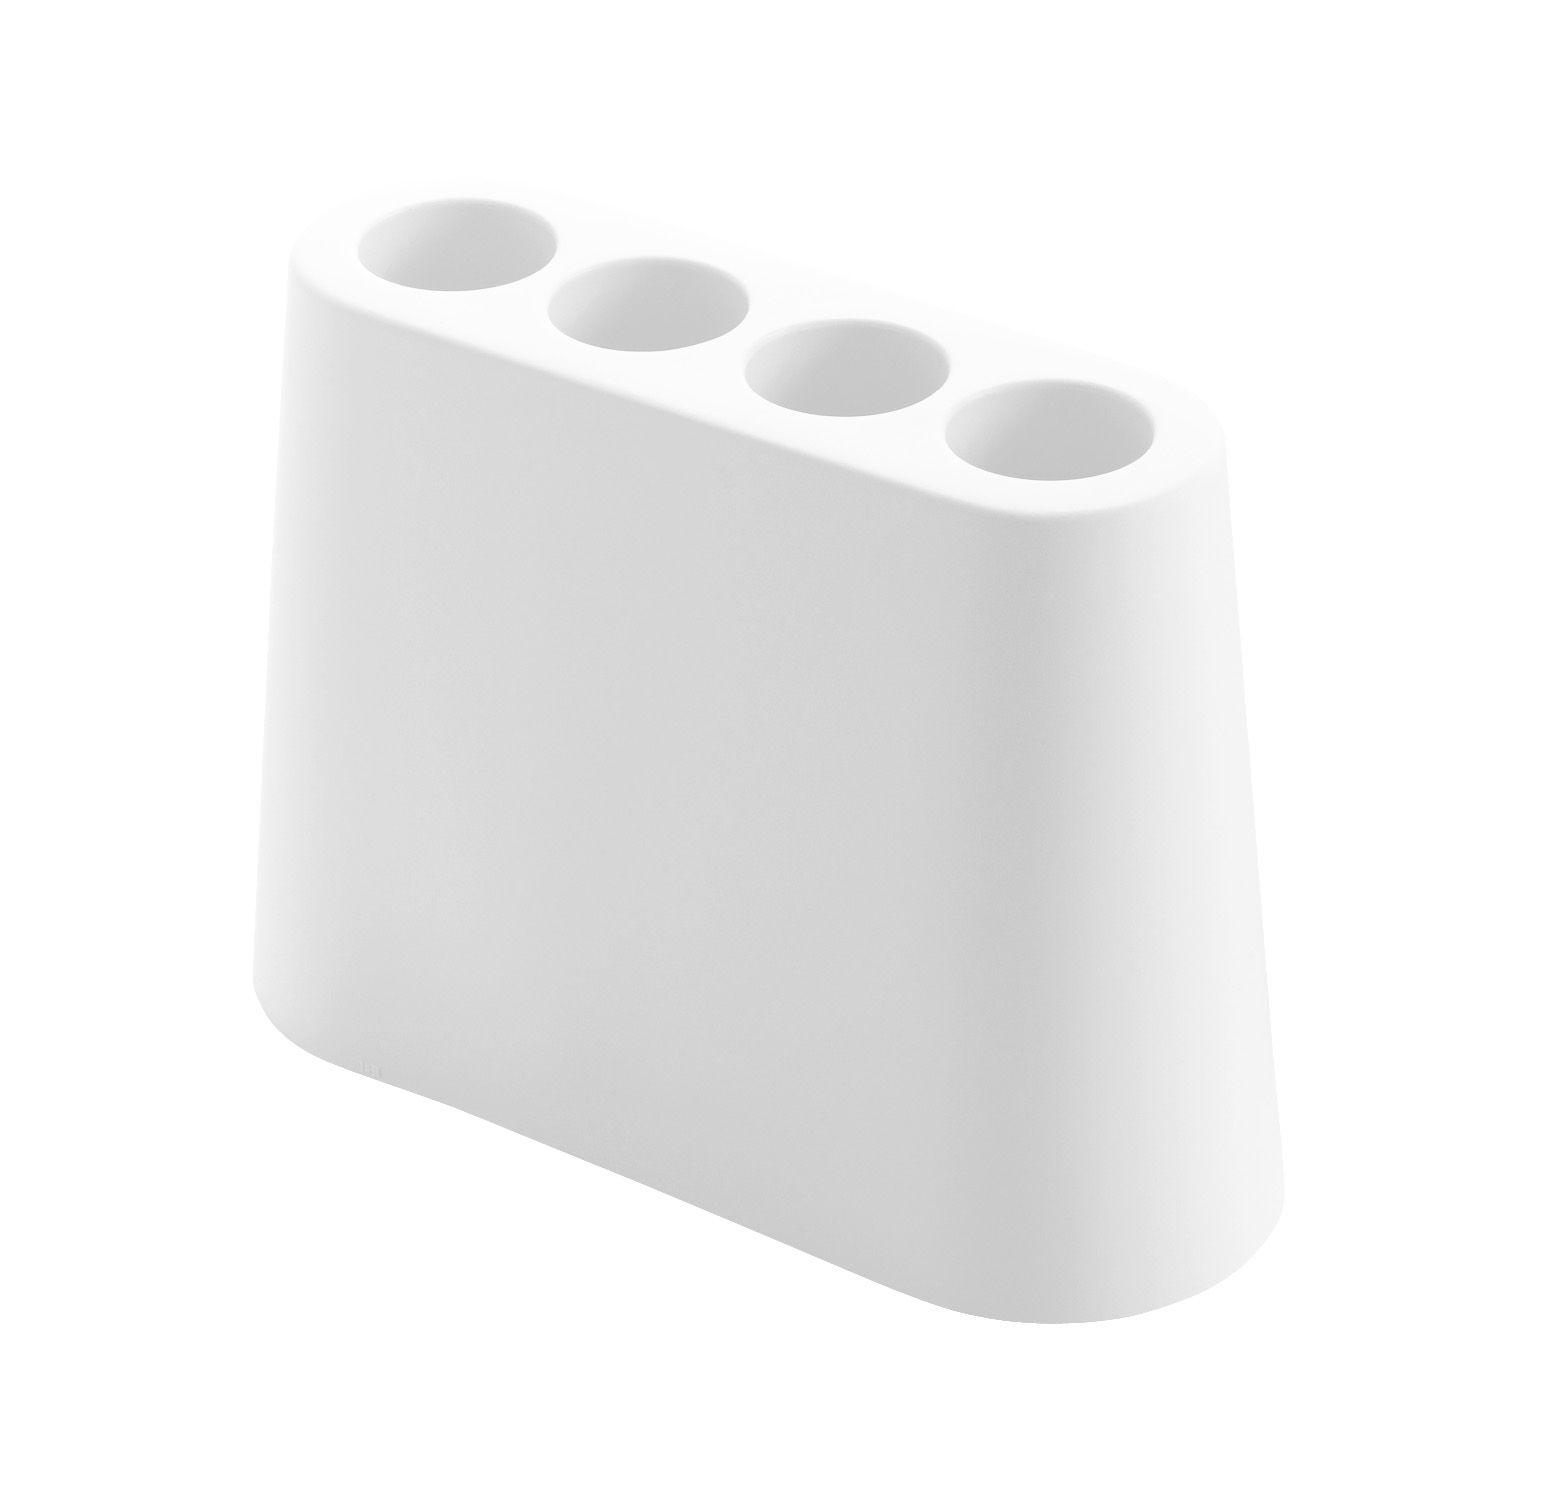 Déco - Paniers et petits rangements - Porte-parapluies Aki - B-LINE - Blanc - Polyéthylène